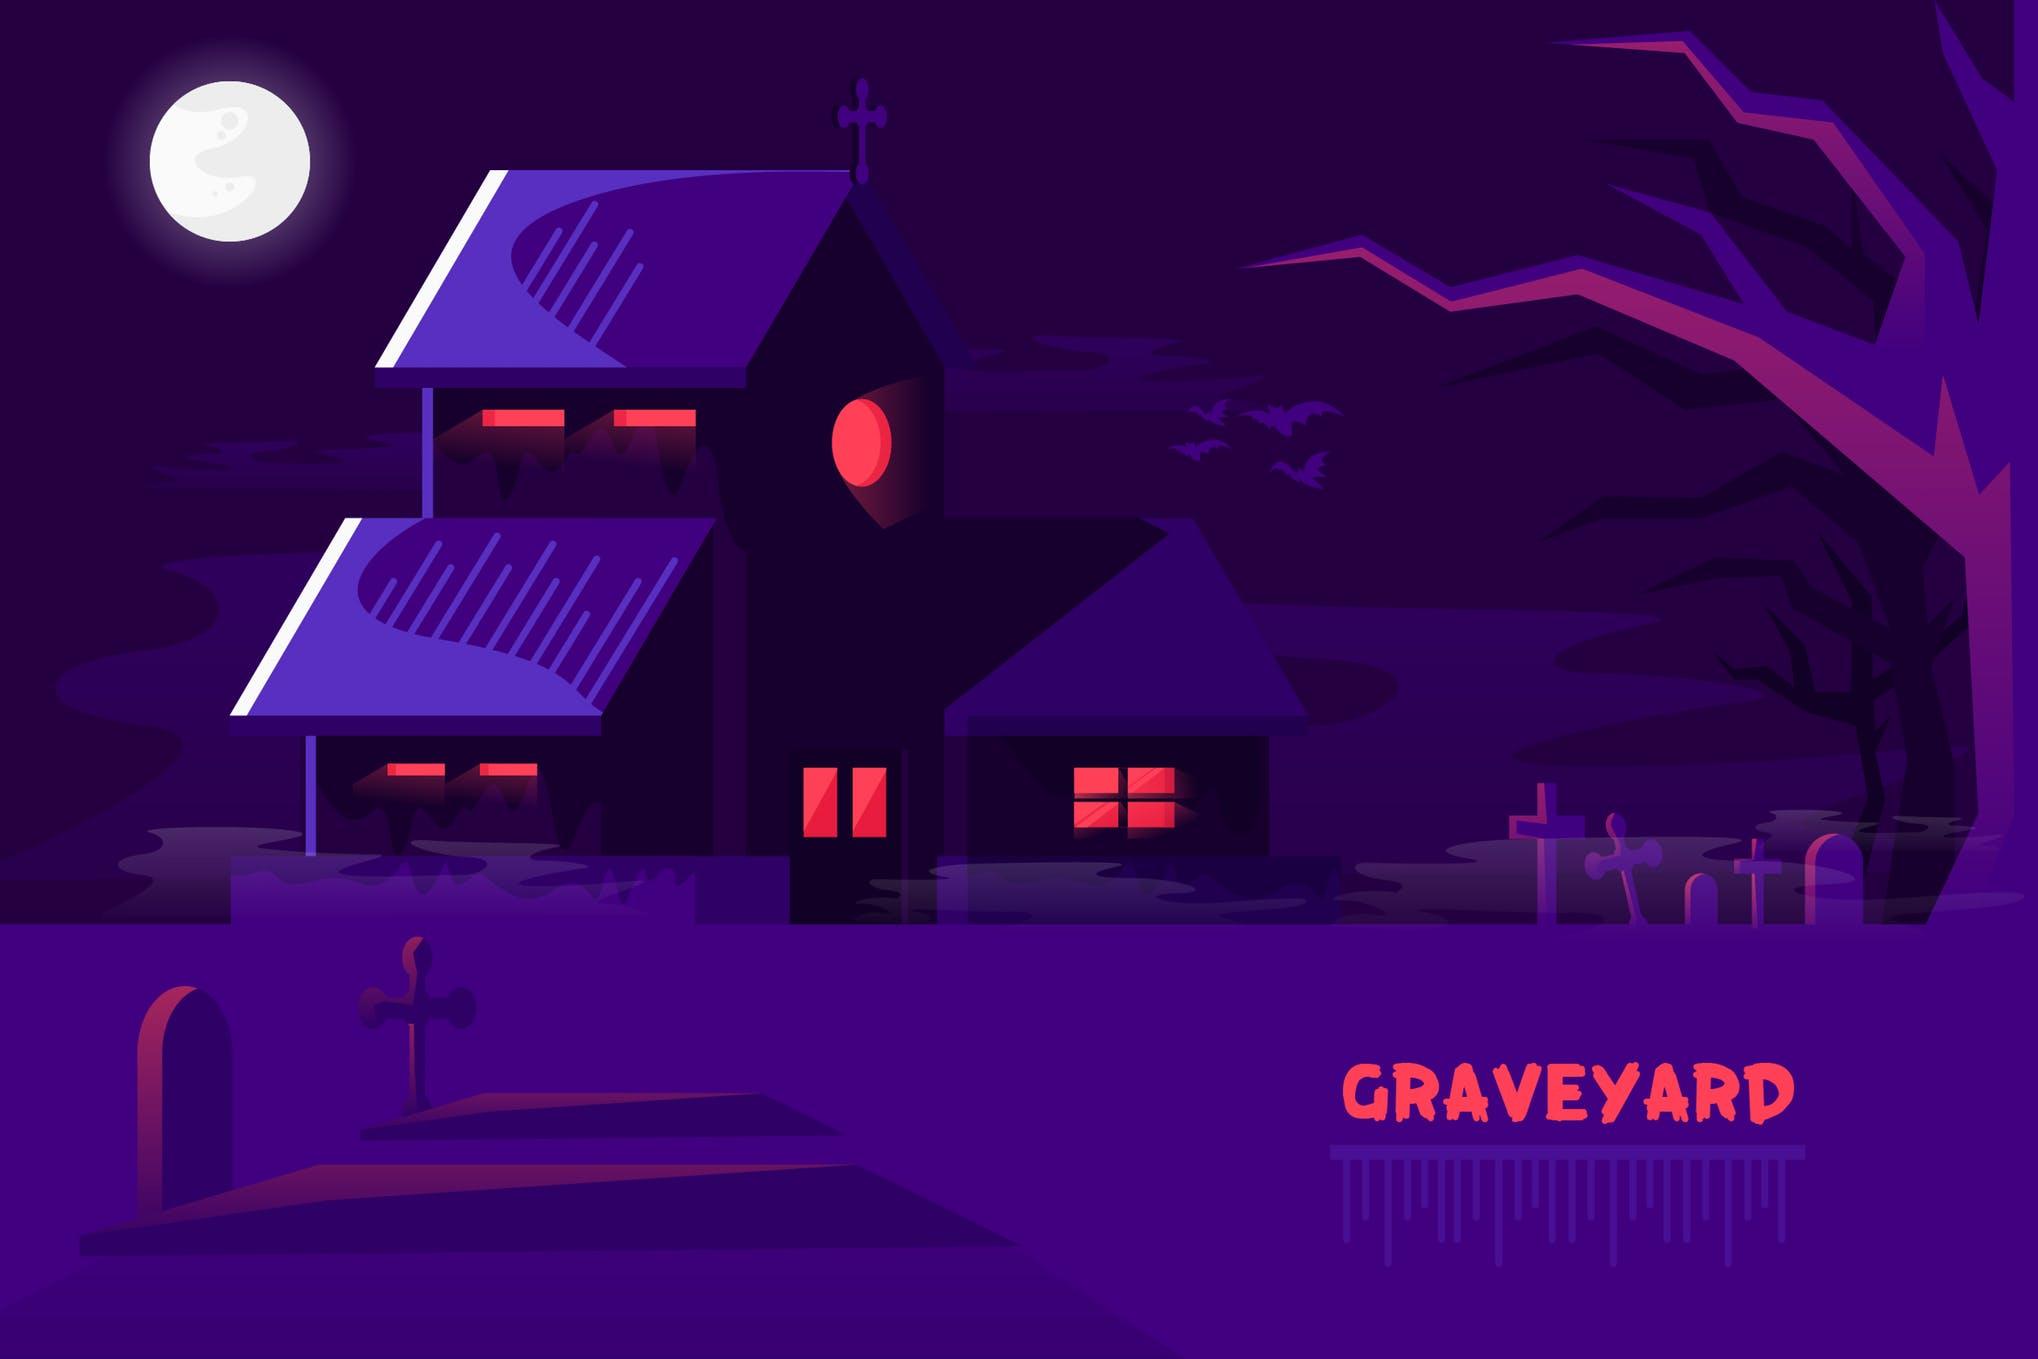 矢量风景与建筑插画模板设计素材下载GraveYard - Vector Landscape & Building